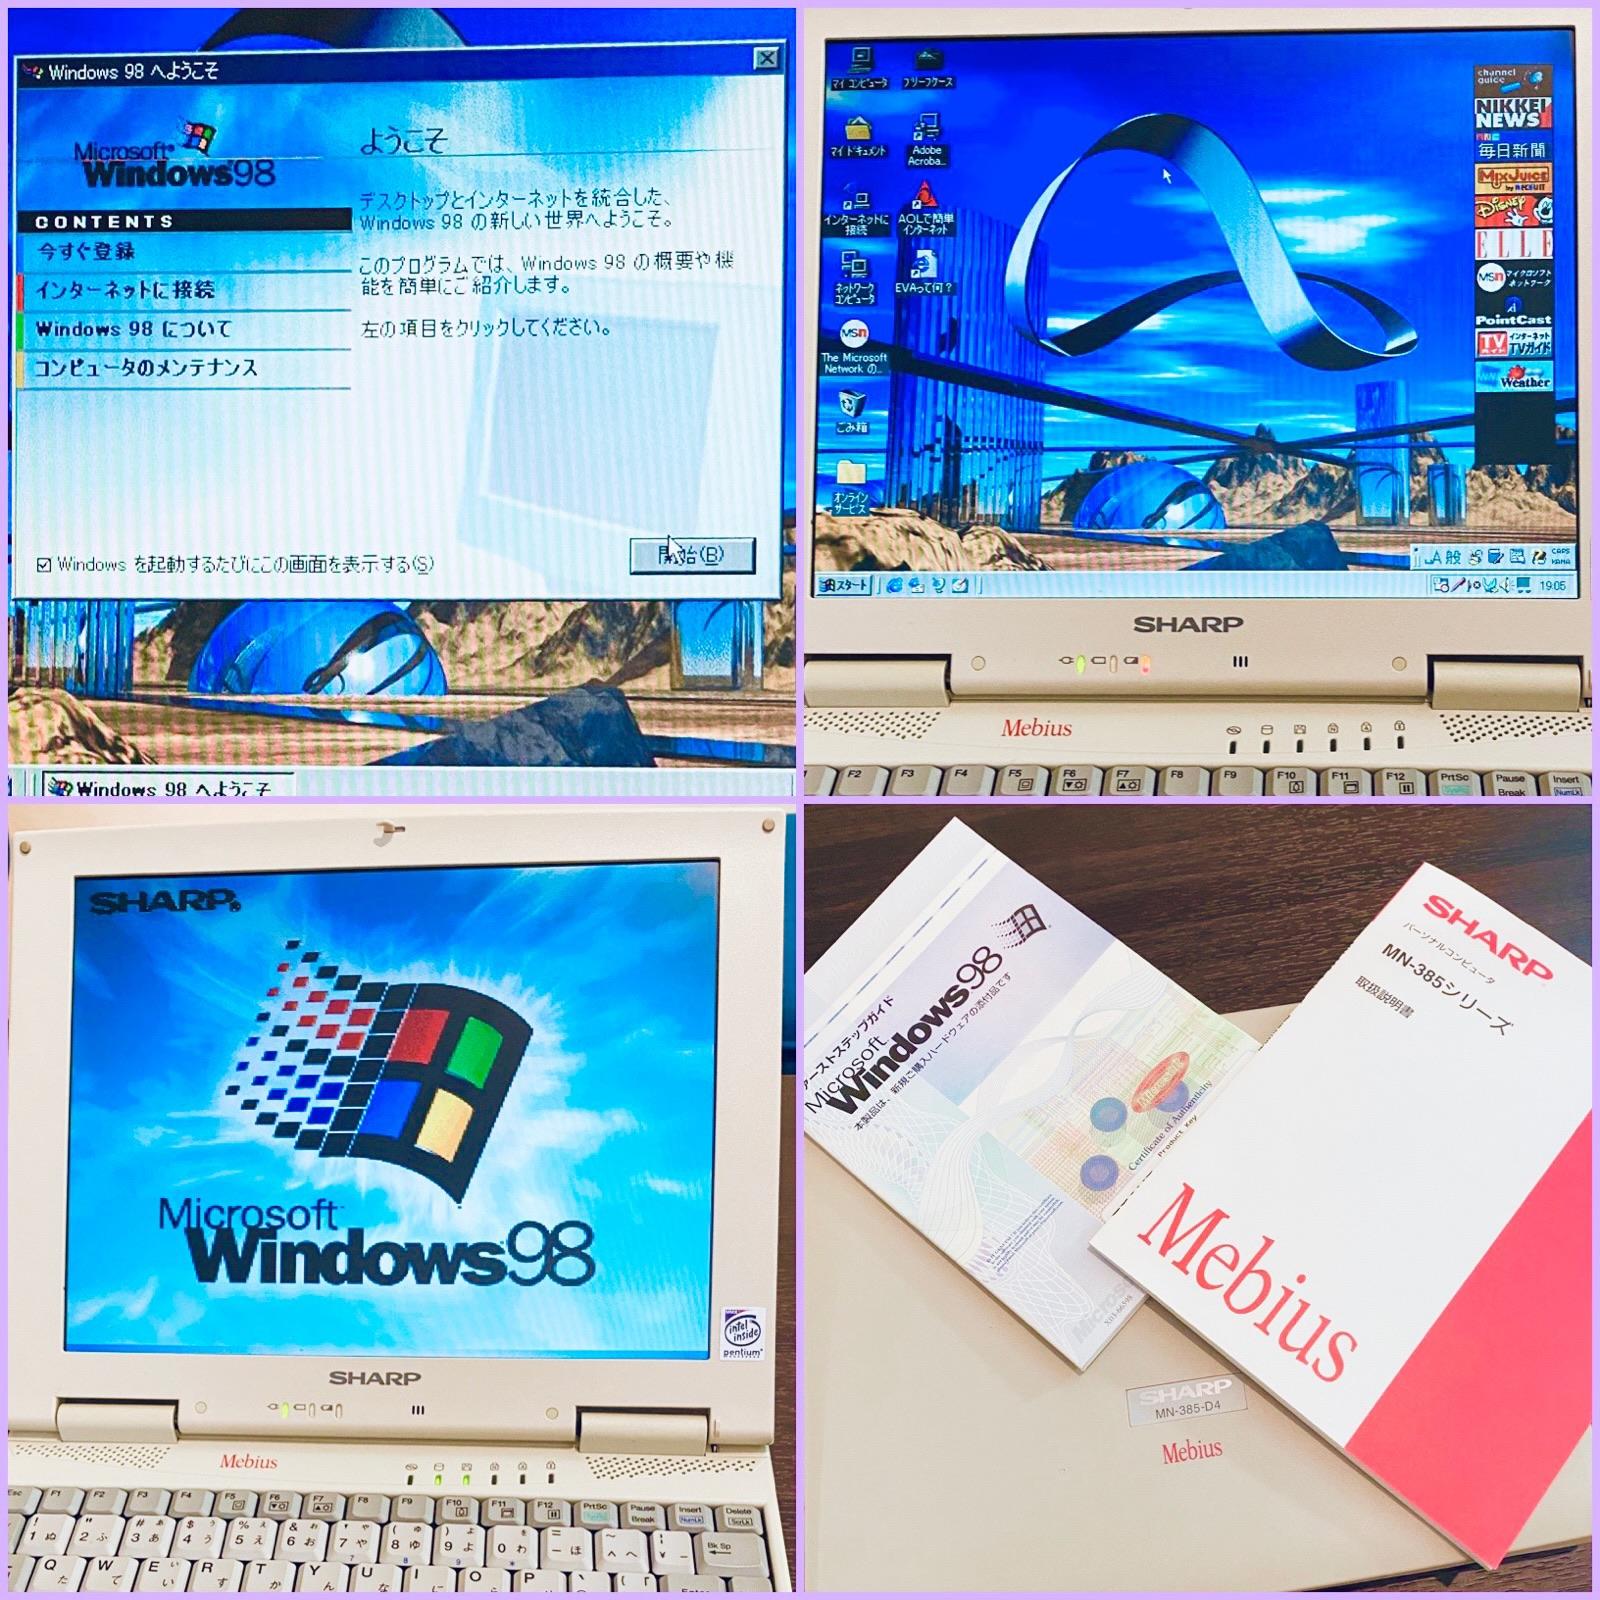 SHARP Mebius MN-385-D4 リカバリして Windows 98 インストールできた(∩´∀`)∩ https://t.co/eUHhfP22O7